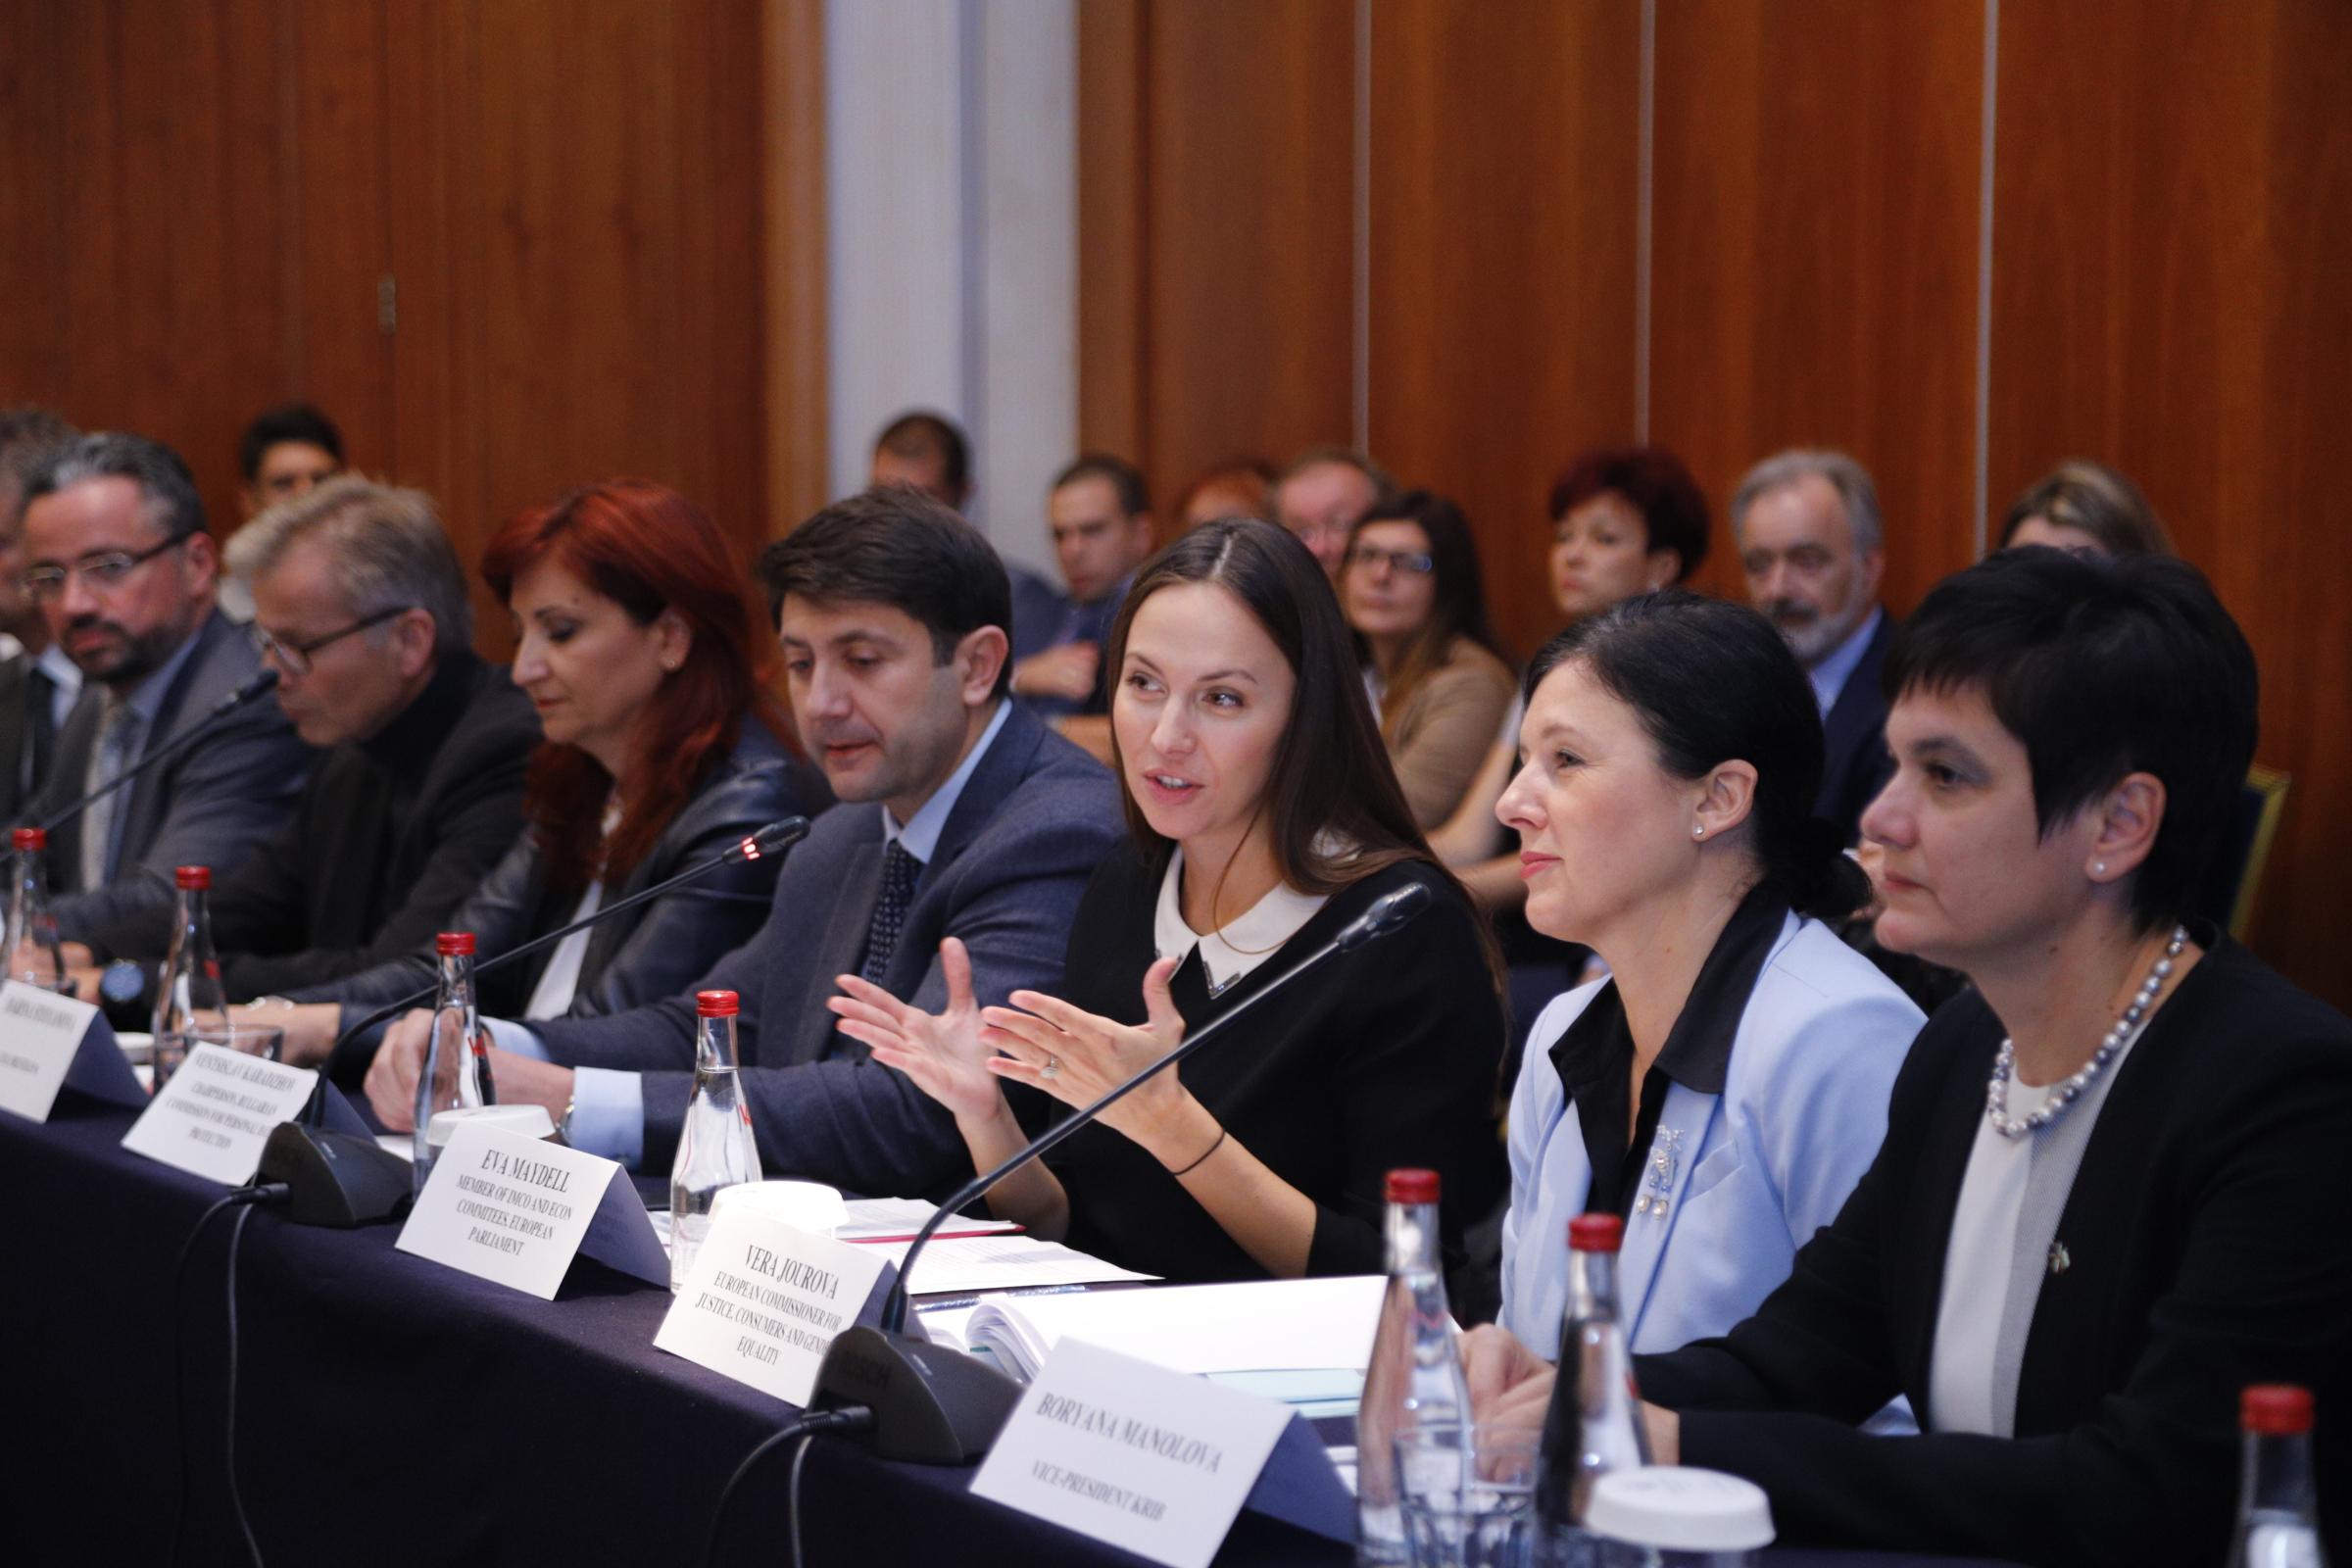 Регламентът за личните данни засяга 80% от българския бизнес